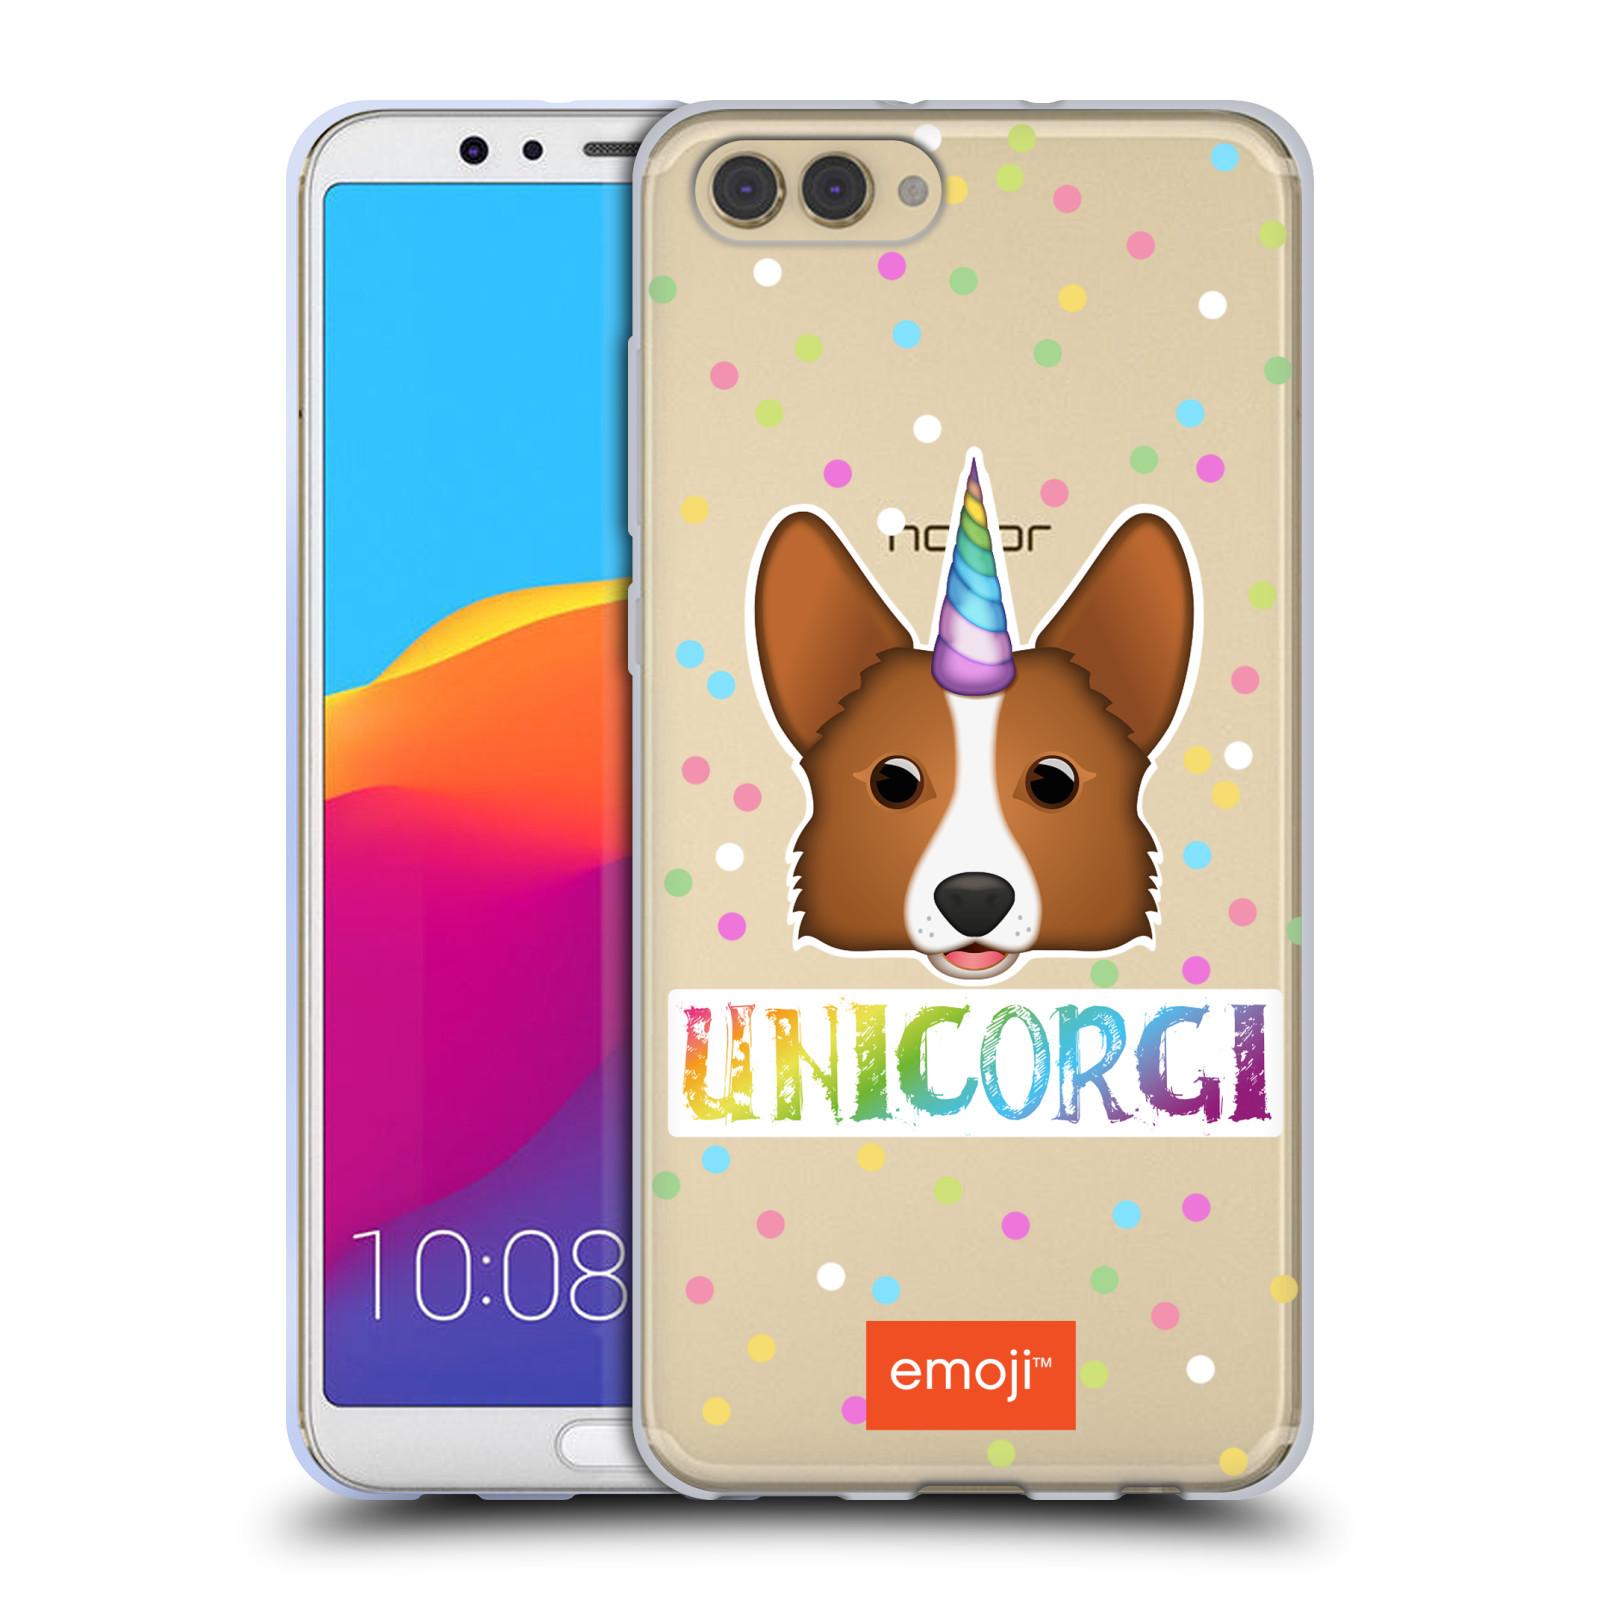 HEAD CASE silikonový obal na mobil Huawei HONOR VIEW 10 / V10 oficiální kryt EMOJI jednorožec Corgi